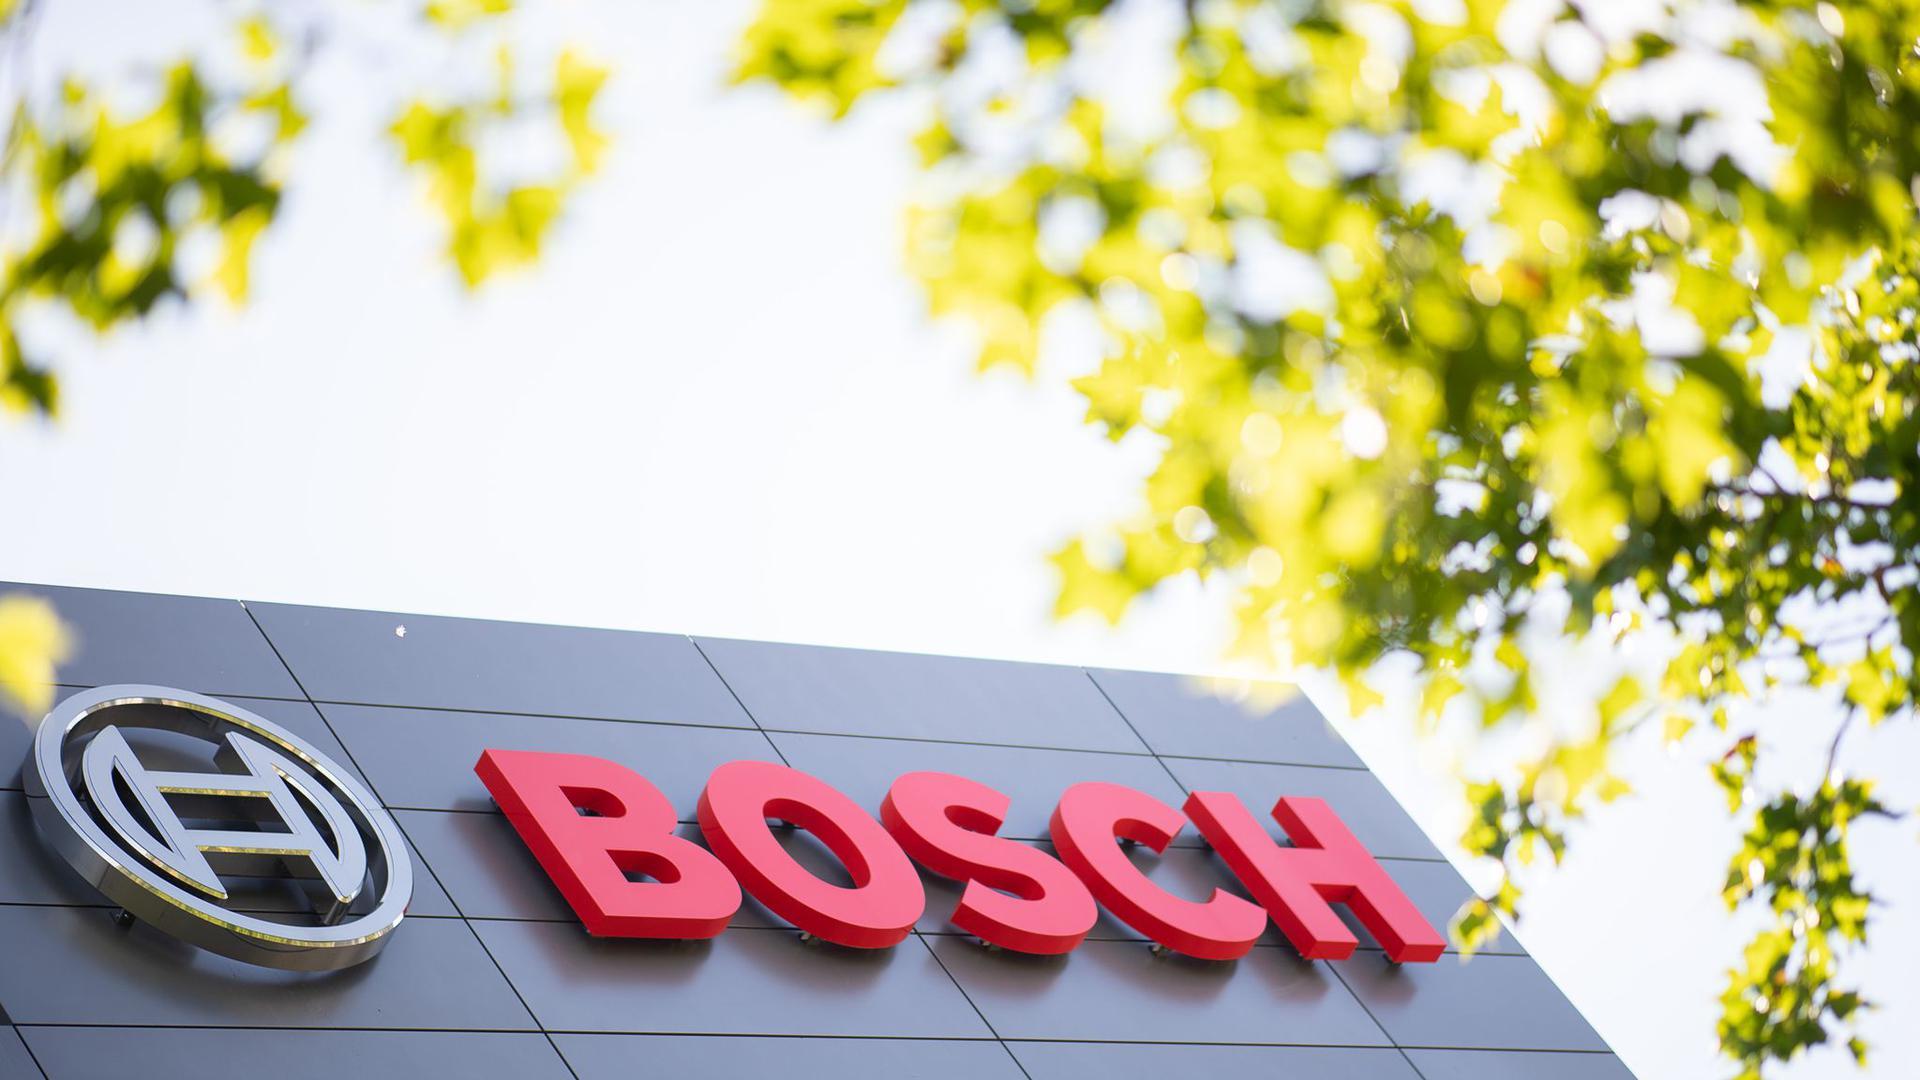 Am badischen Standort Bühl/Bühlertal will Bosch rund 700 Vollzeitstellen abbauen.